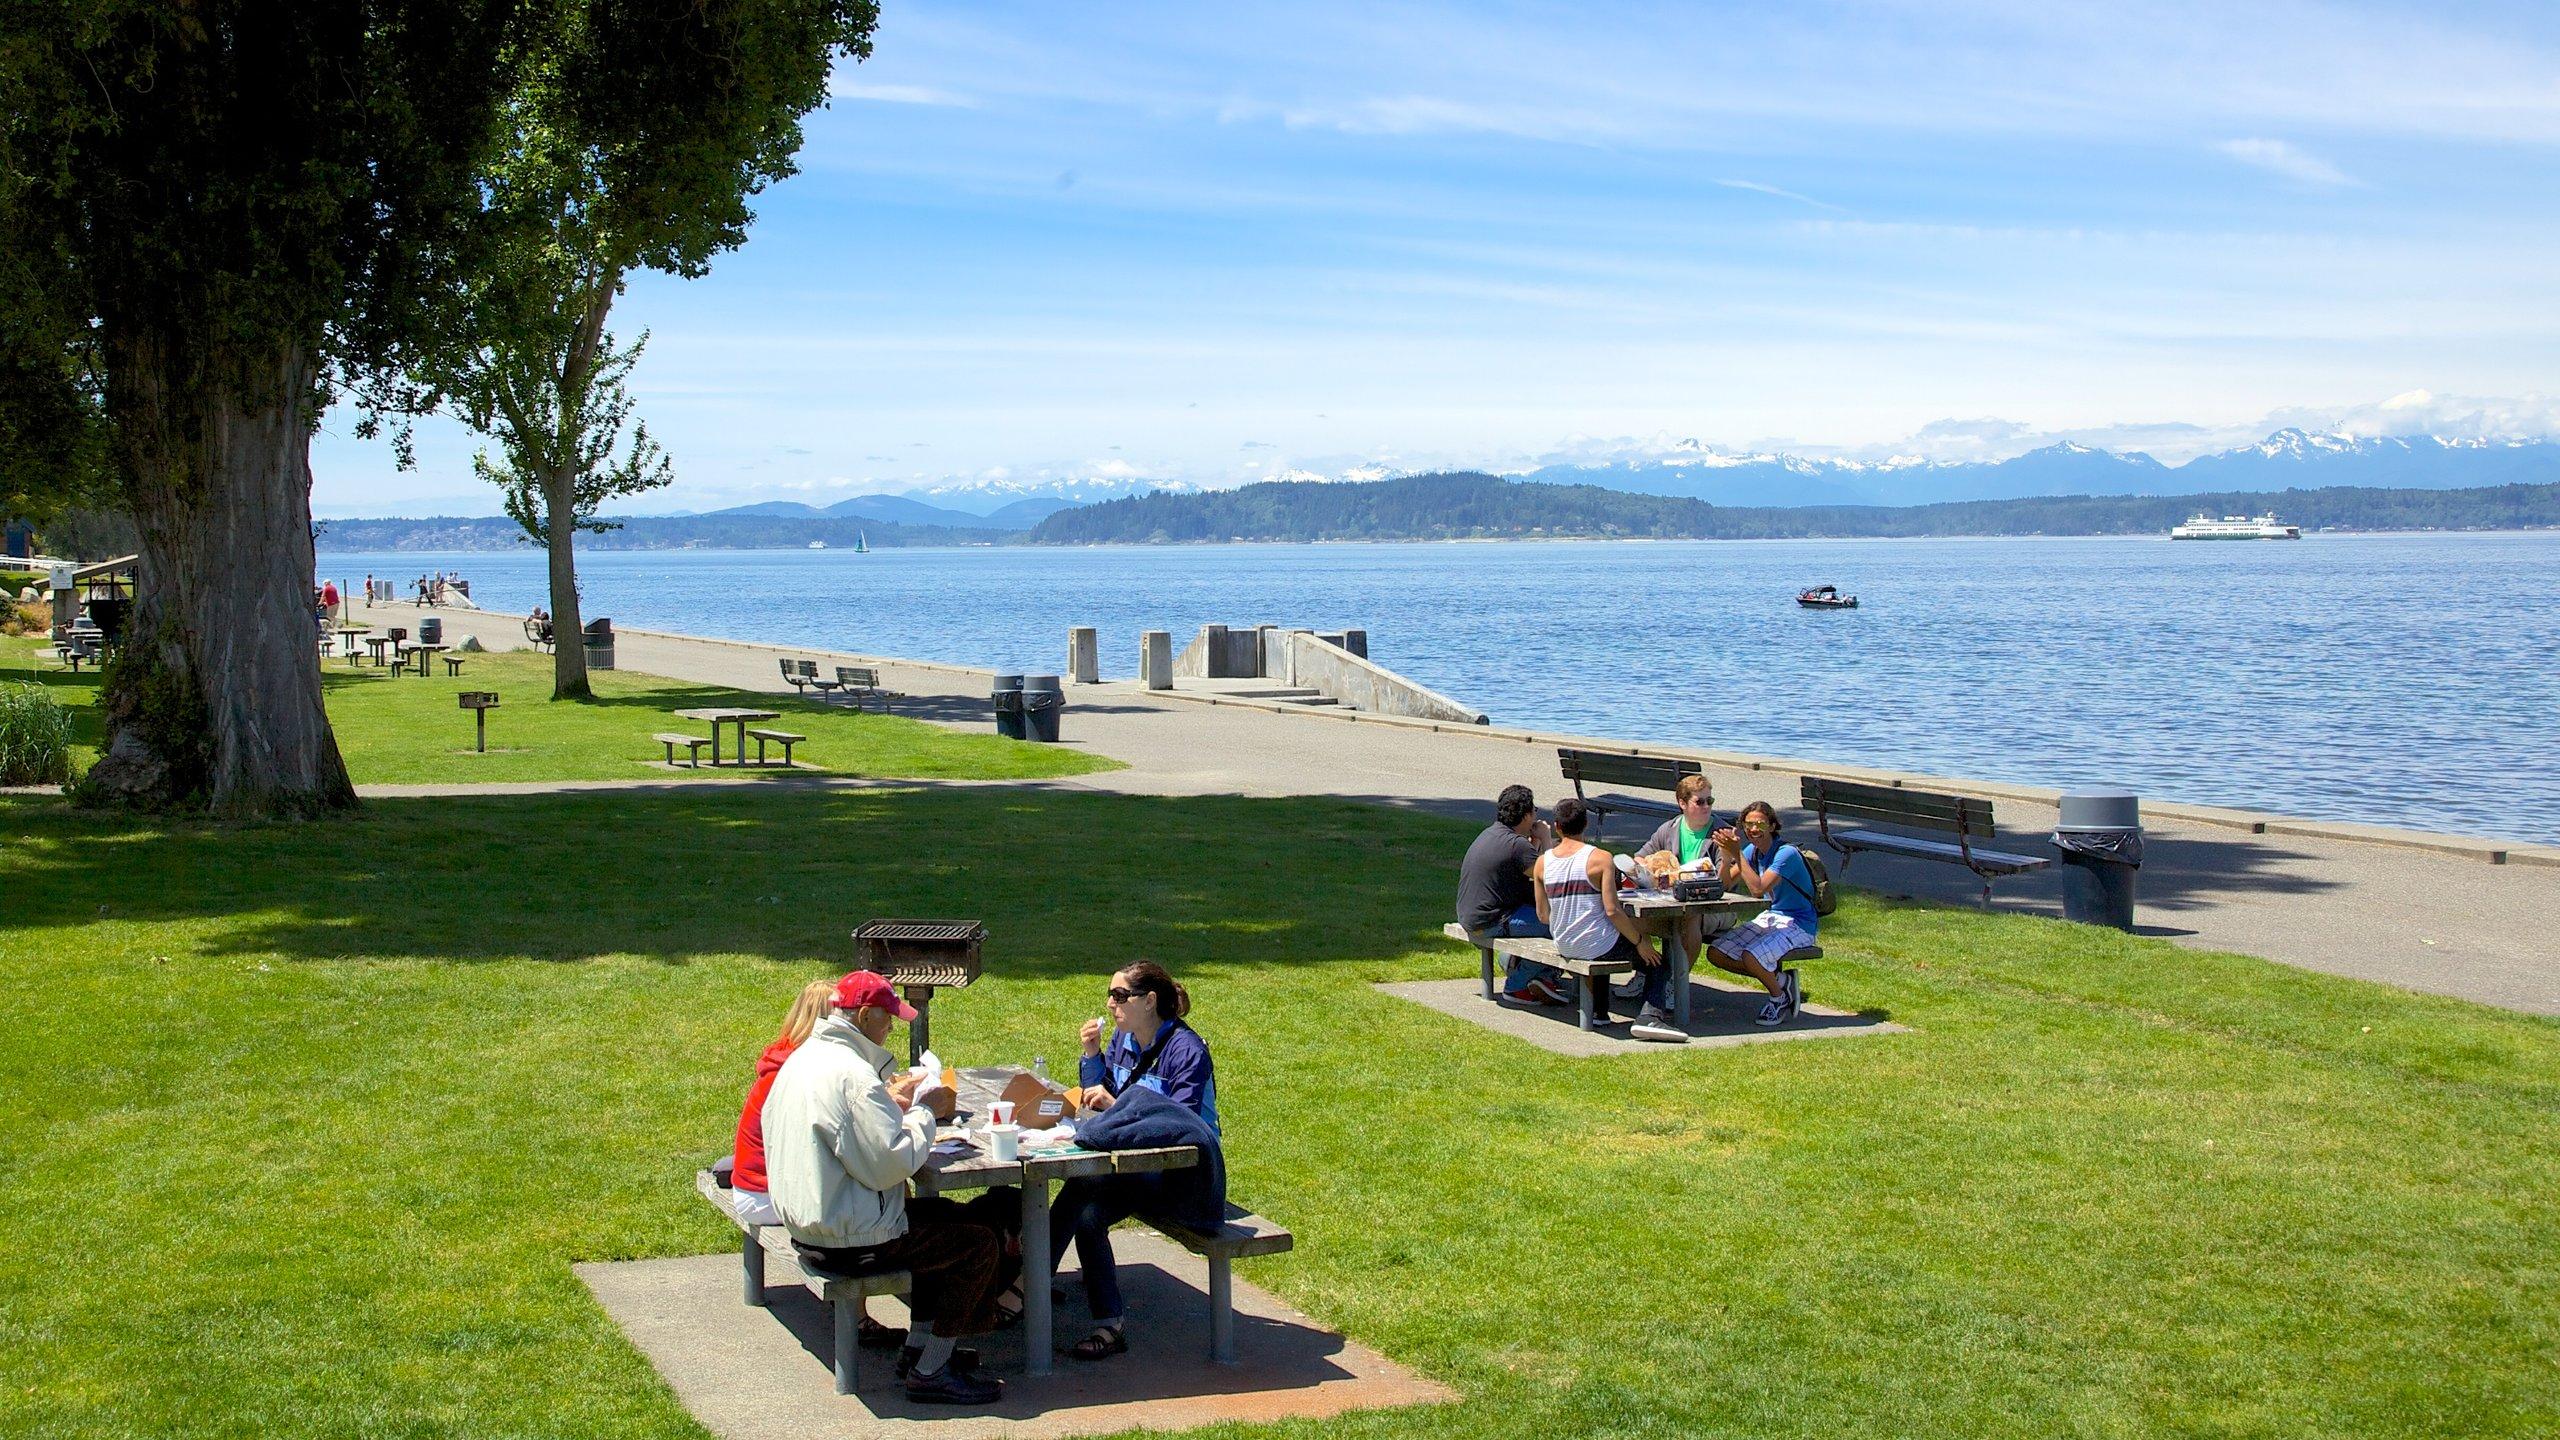 Alki Beach, Seattle, Washington, USA